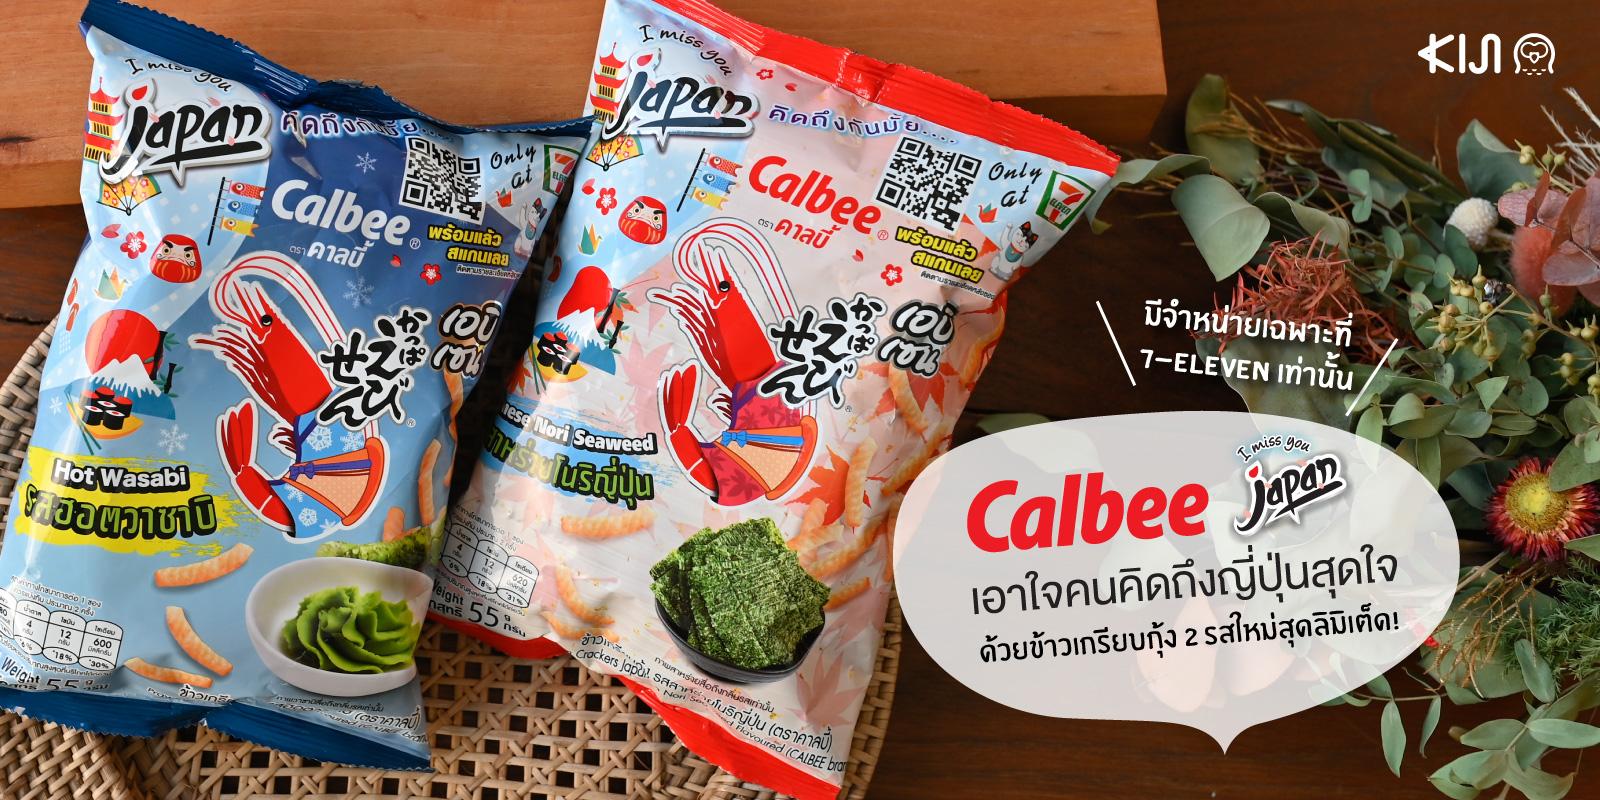 Calbee รสชาติใหม่ คิดถึงญี่ปุ่นคิดถึงคาลบี้